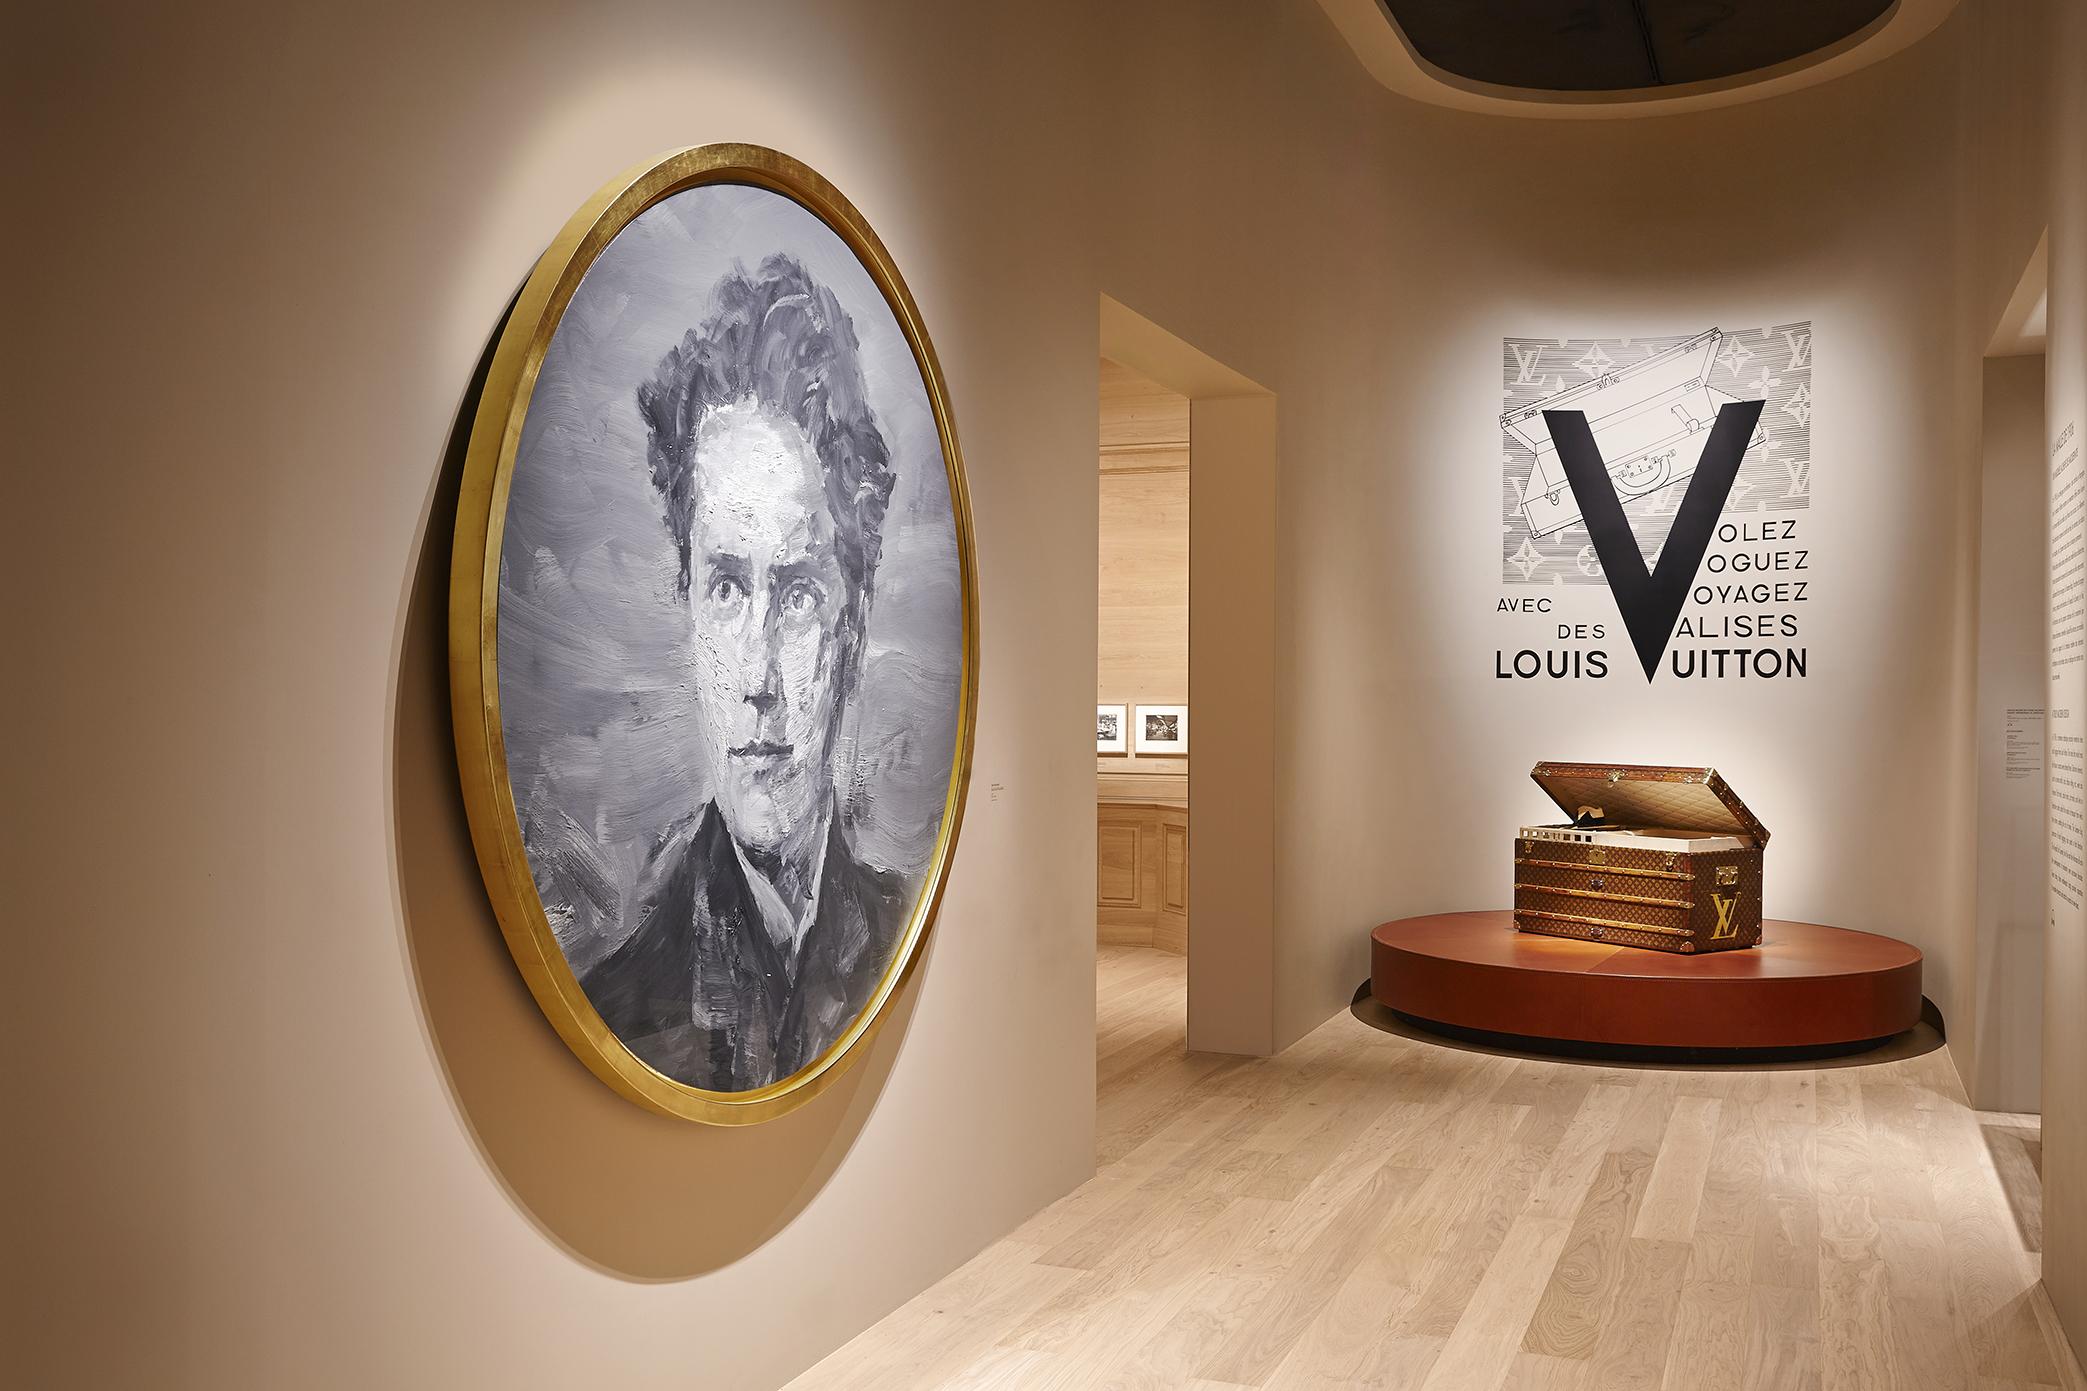 Αποτέλεσμα εικόνας για Louis Vuitton Vole voyager